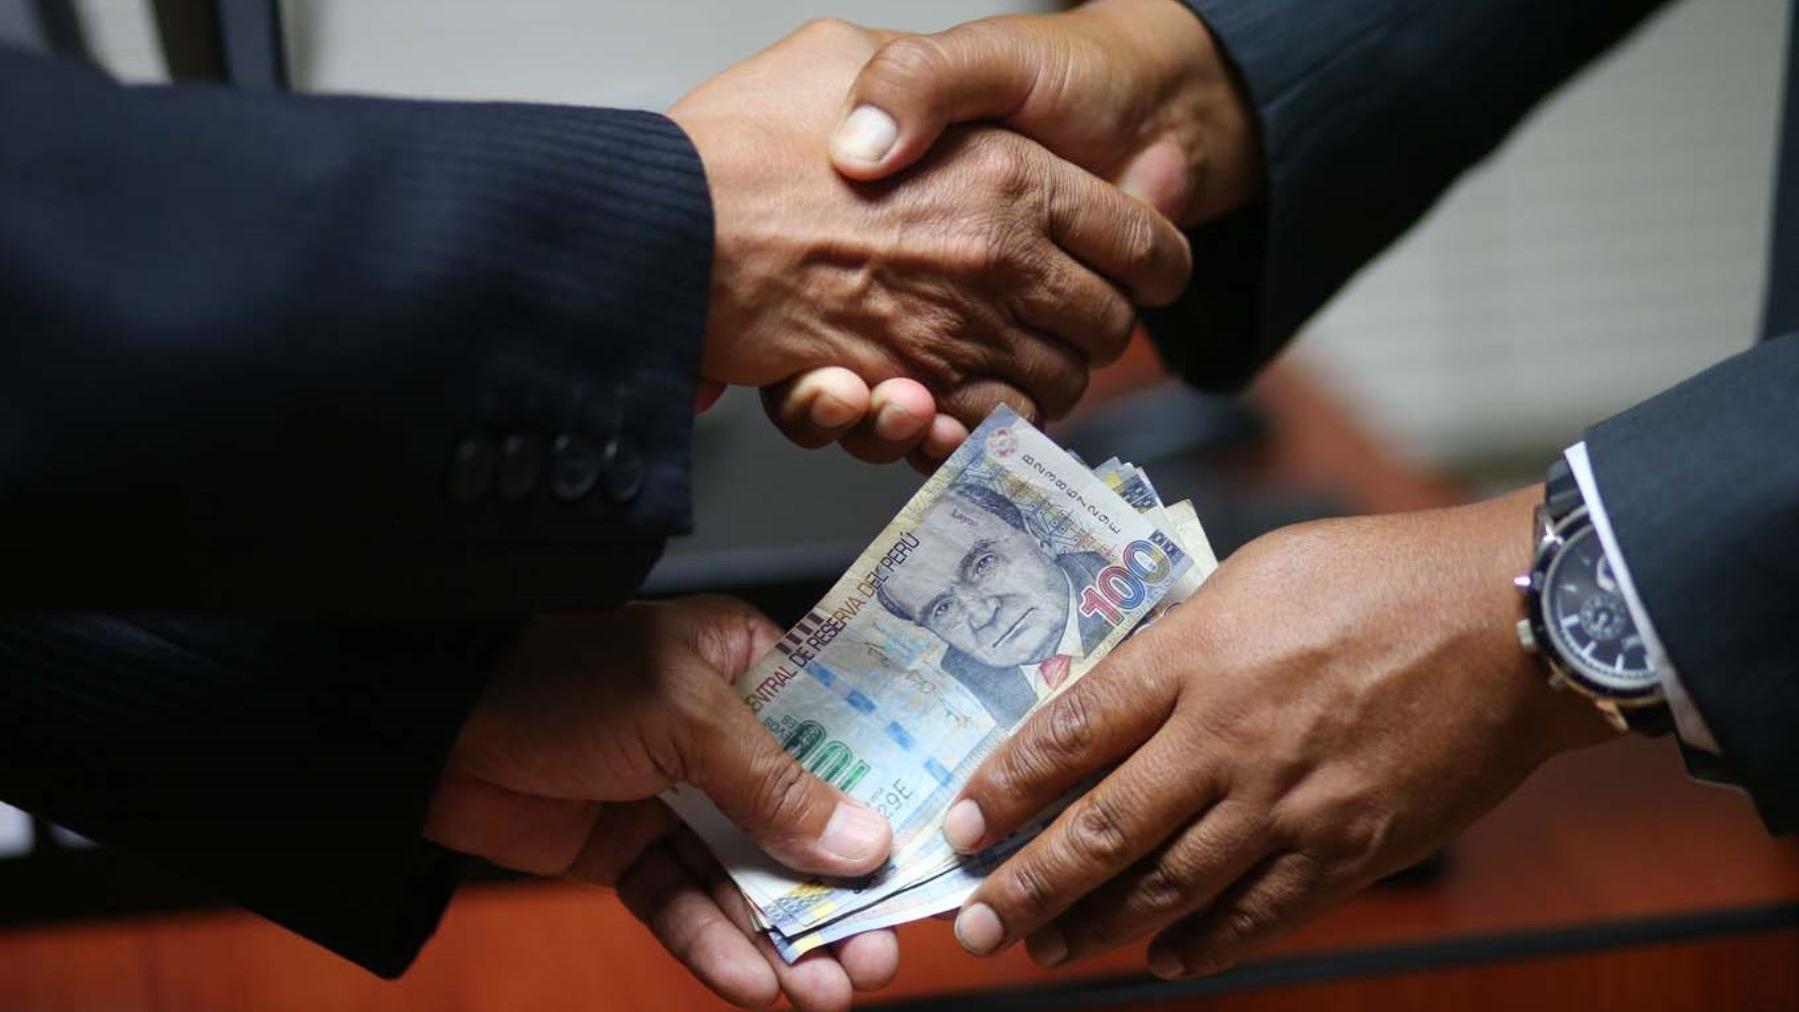 El historiador Mauricio Novoa comentó que el concepto de corrupción fue variando a través de nuestra historia y que lo que hoy está prohibido antes era aceptado.